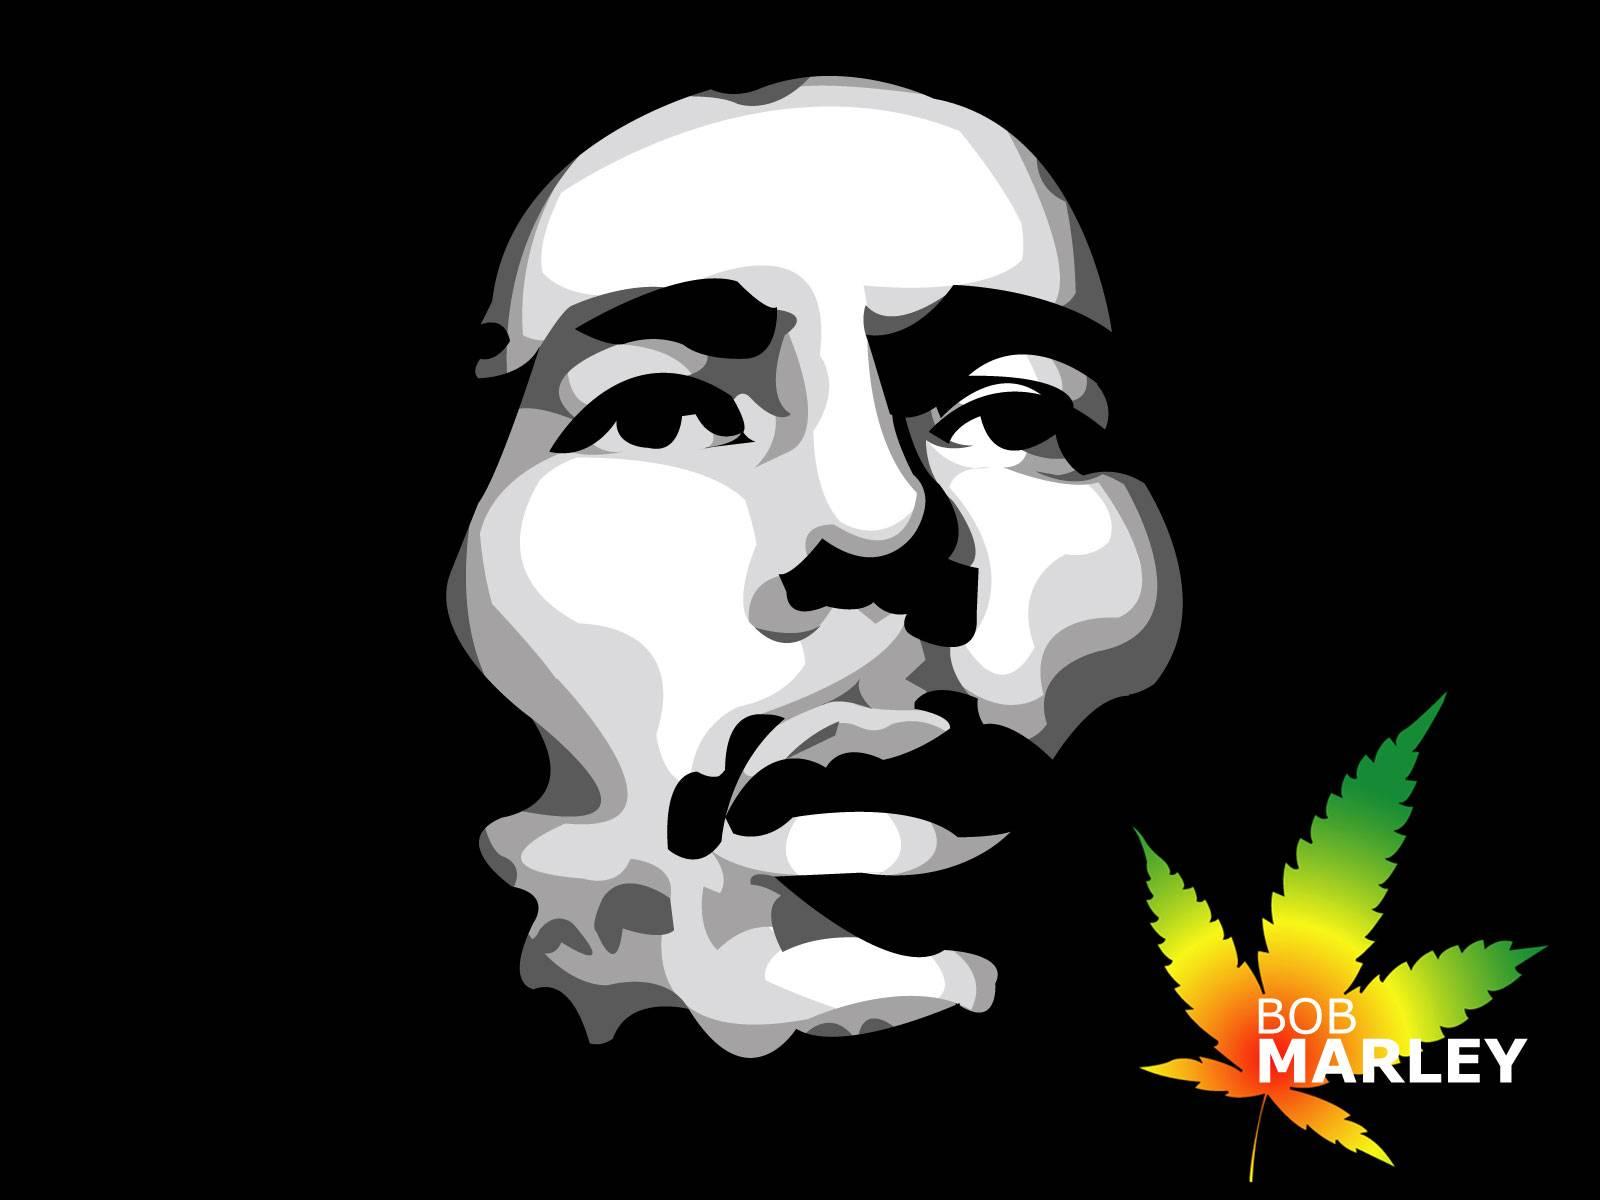 Bob Marley Bank HD Wallpapers | HD Wallpapers